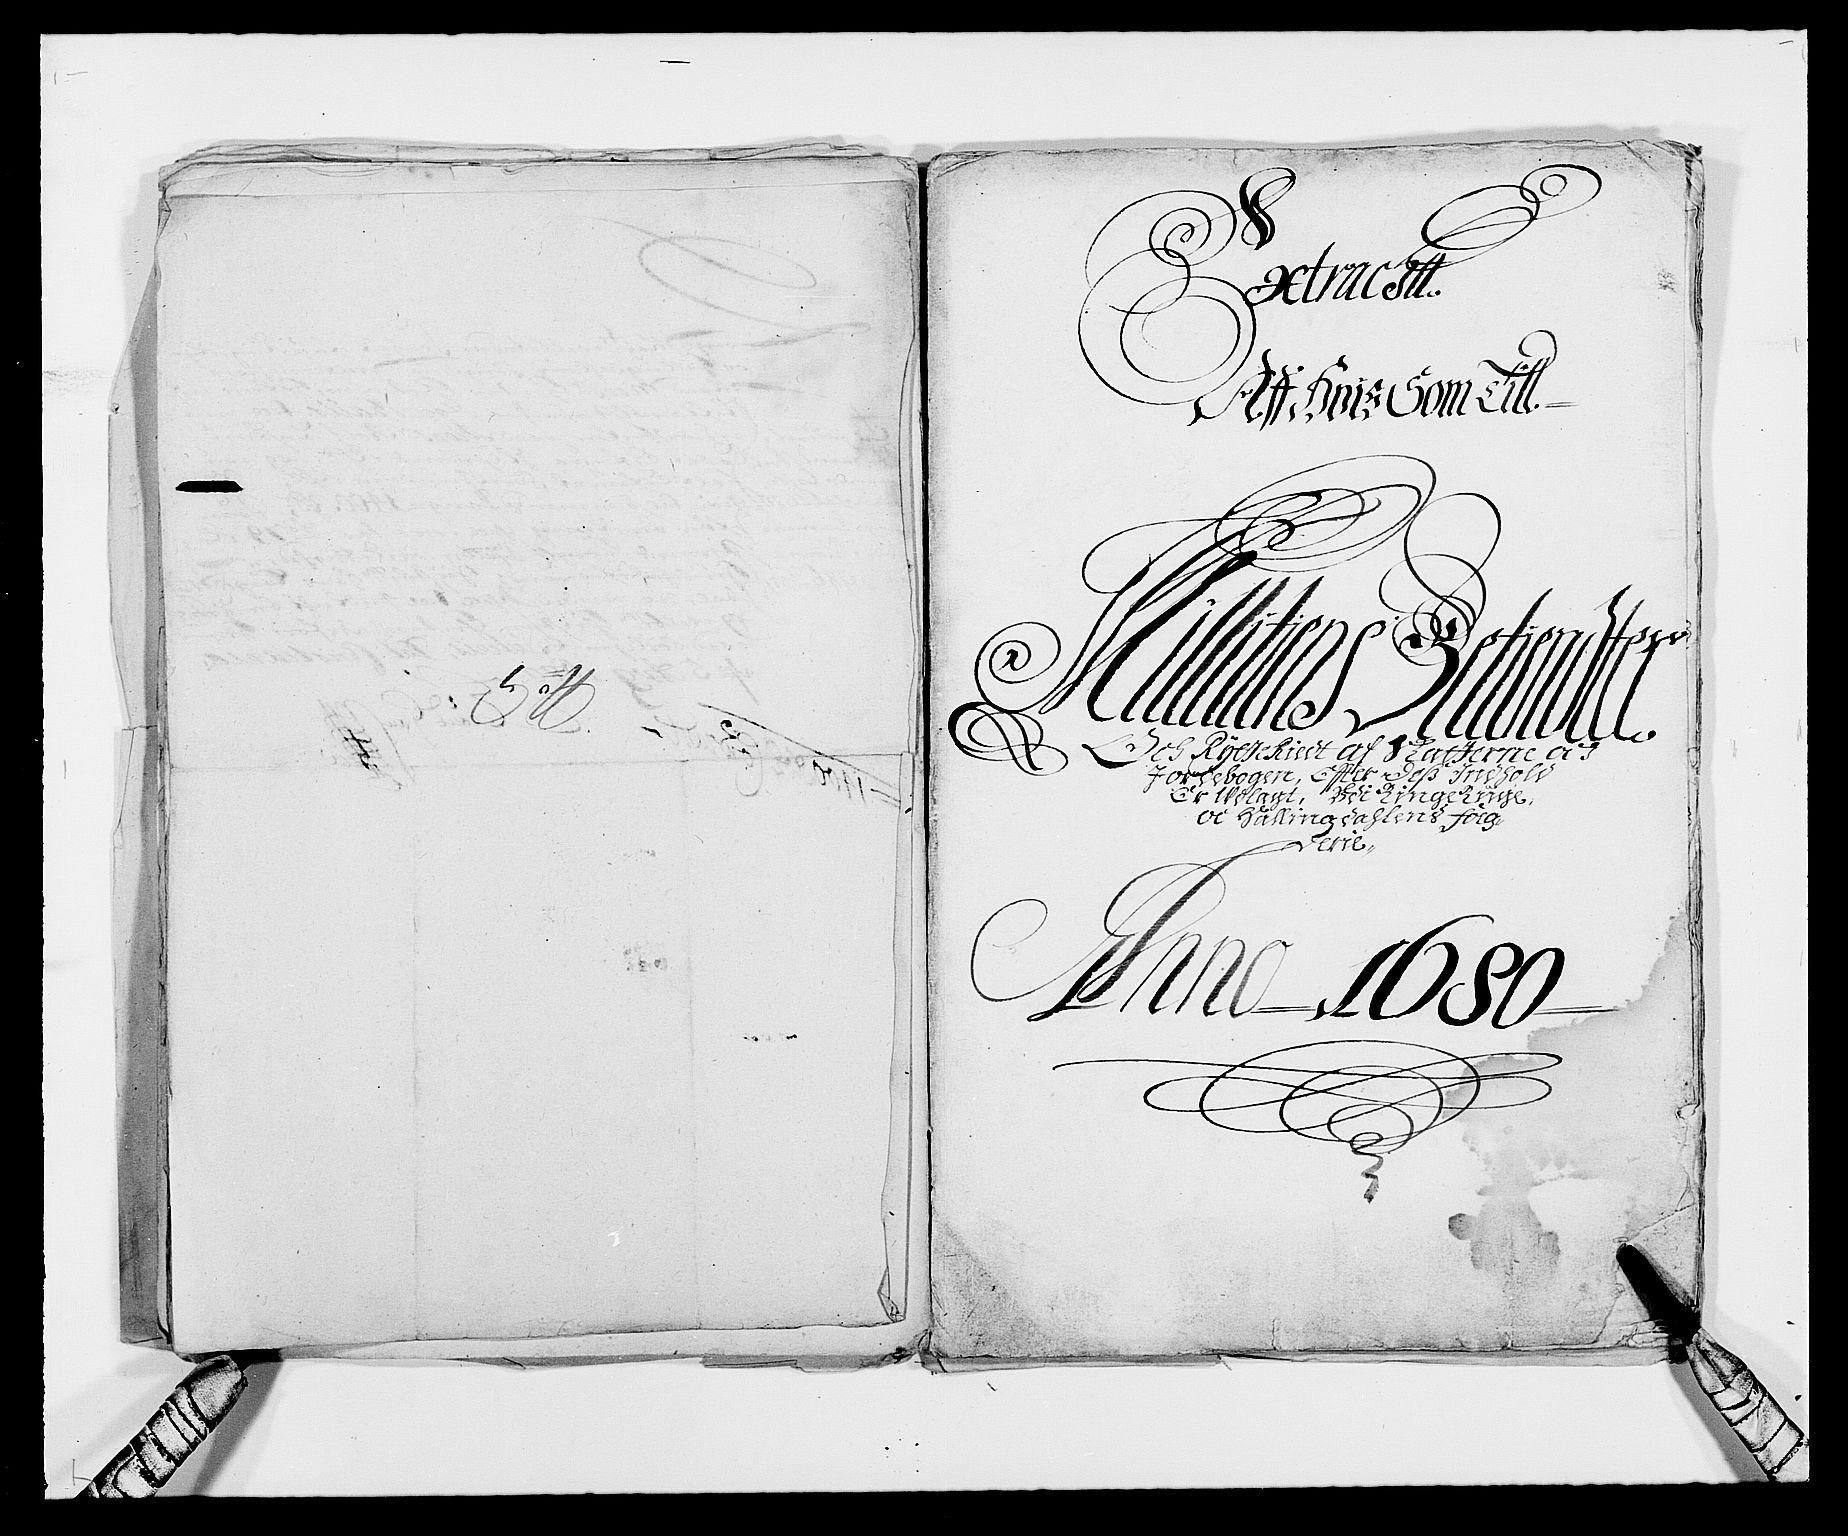 RA, Rentekammeret inntil 1814, Reviderte regnskaper, Fogderegnskap, R21/L1444: Fogderegnskap Ringerike og Hallingdal, 1680-1681, s. 135